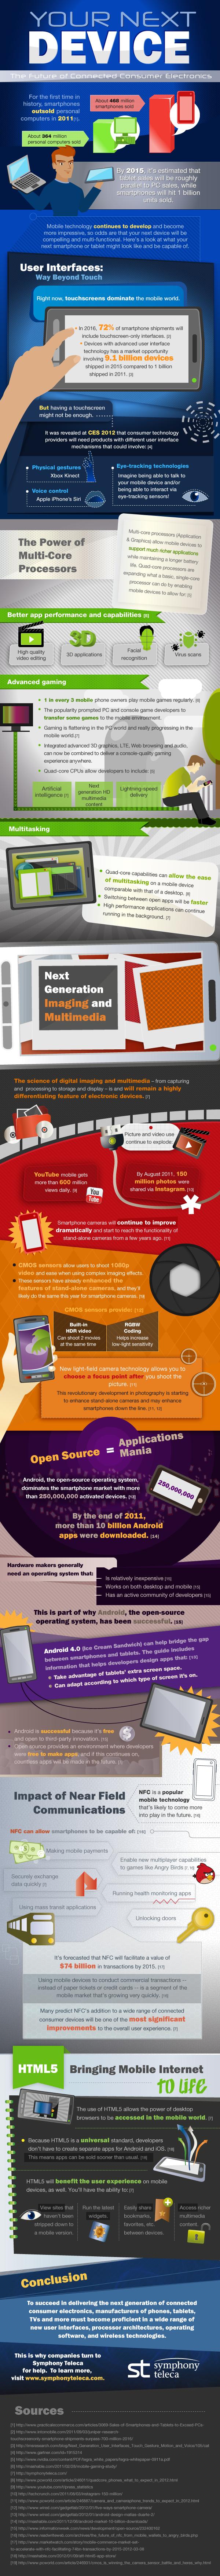 próximos smartphones